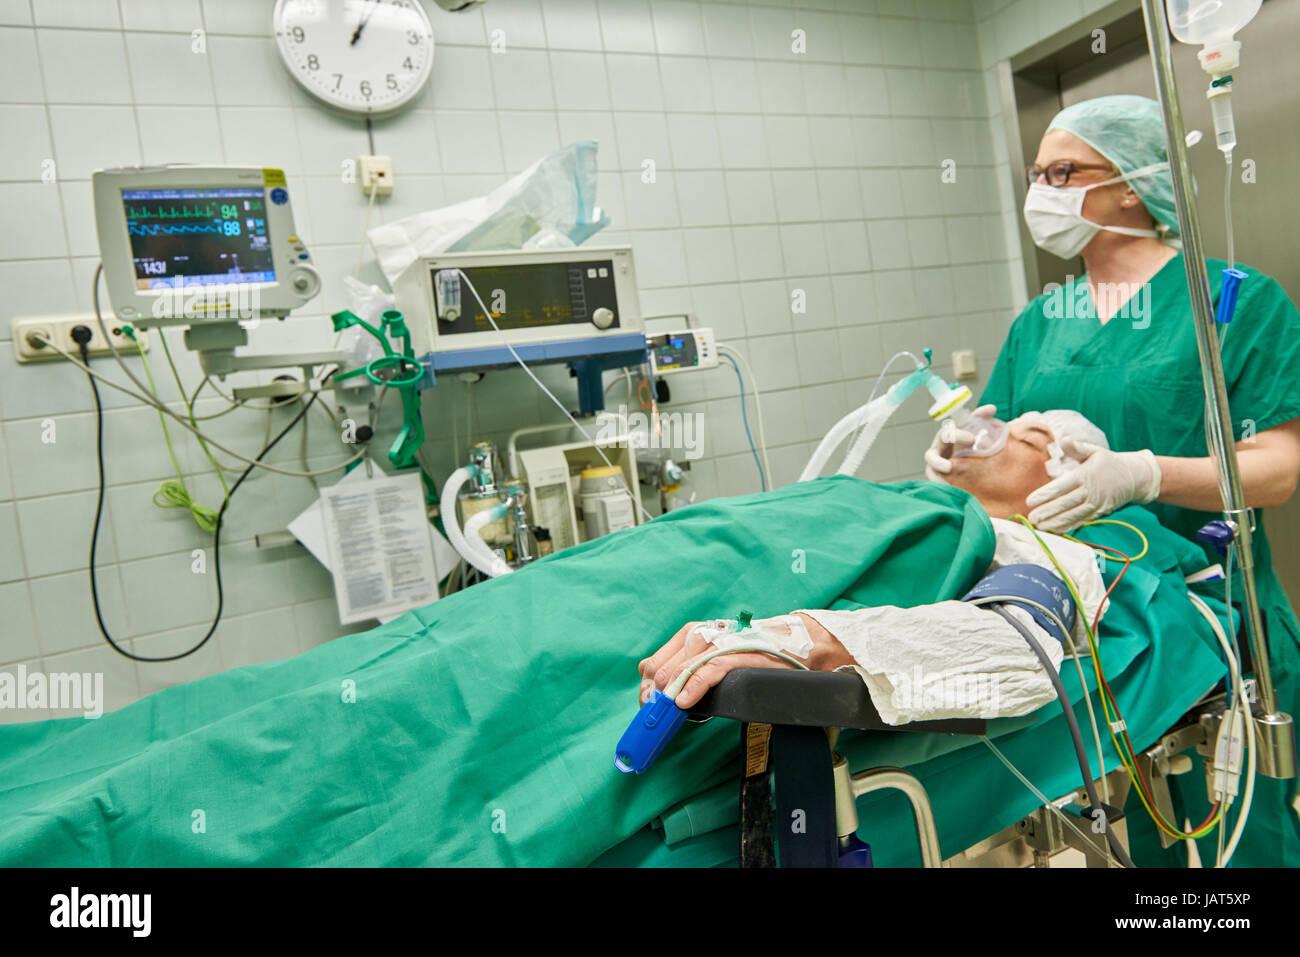 Anästhesist betäuben Patientin vor operation Stockfoto, Bild ...